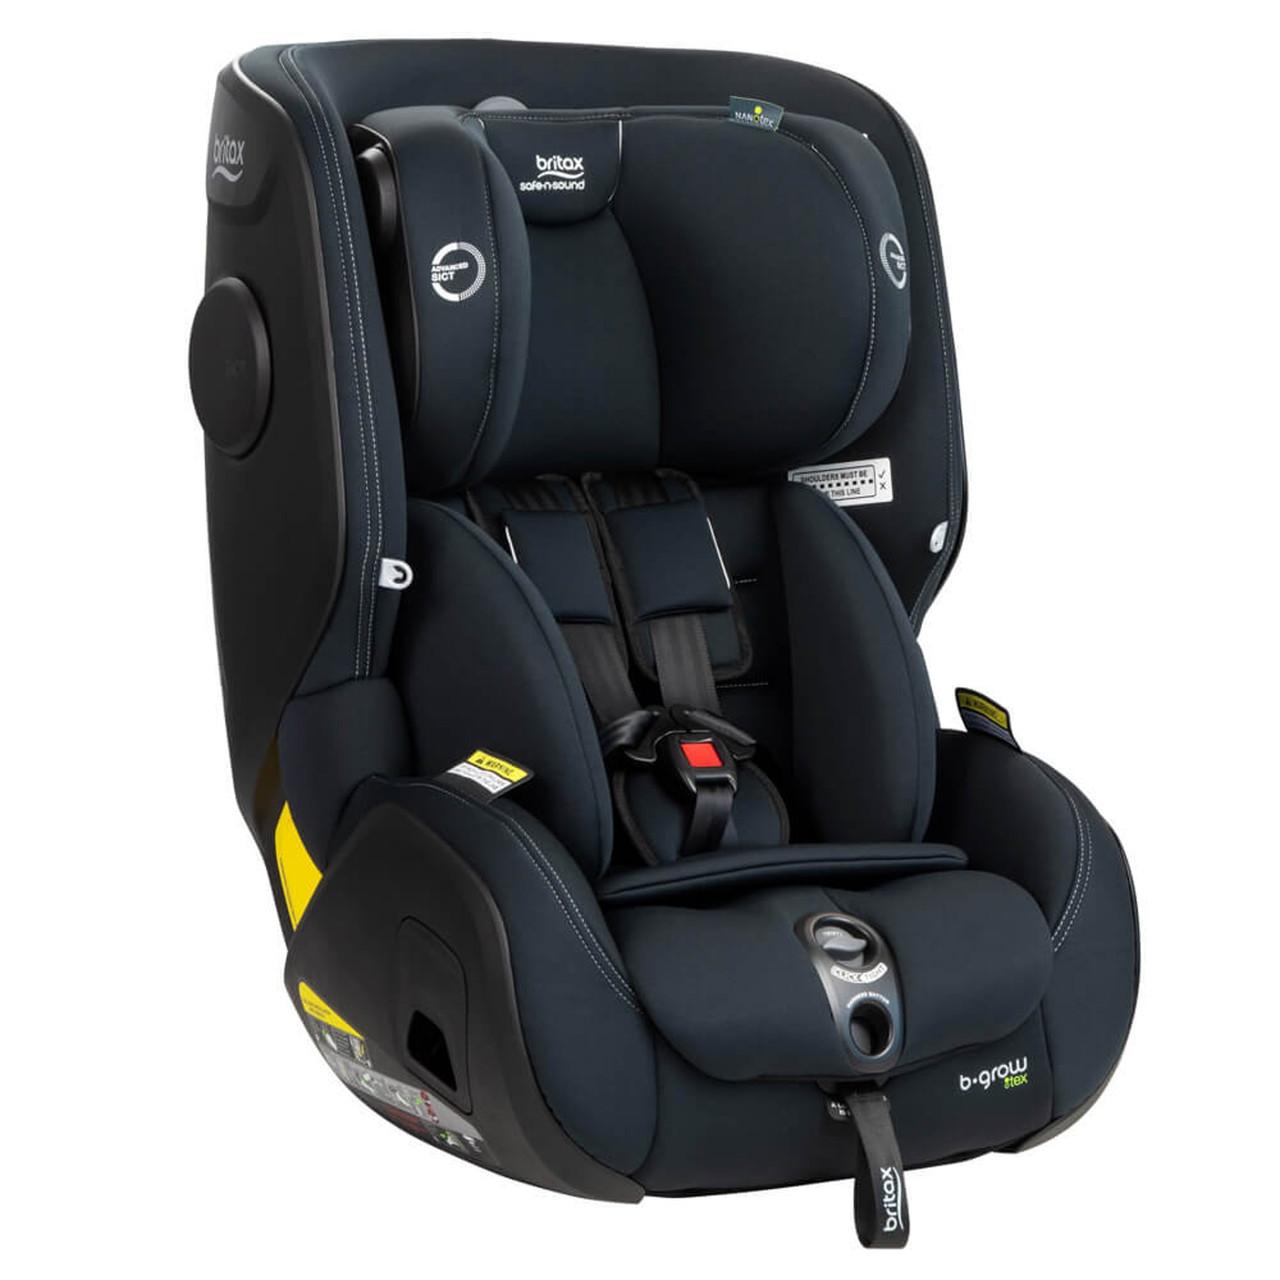 b grow click tight car seat